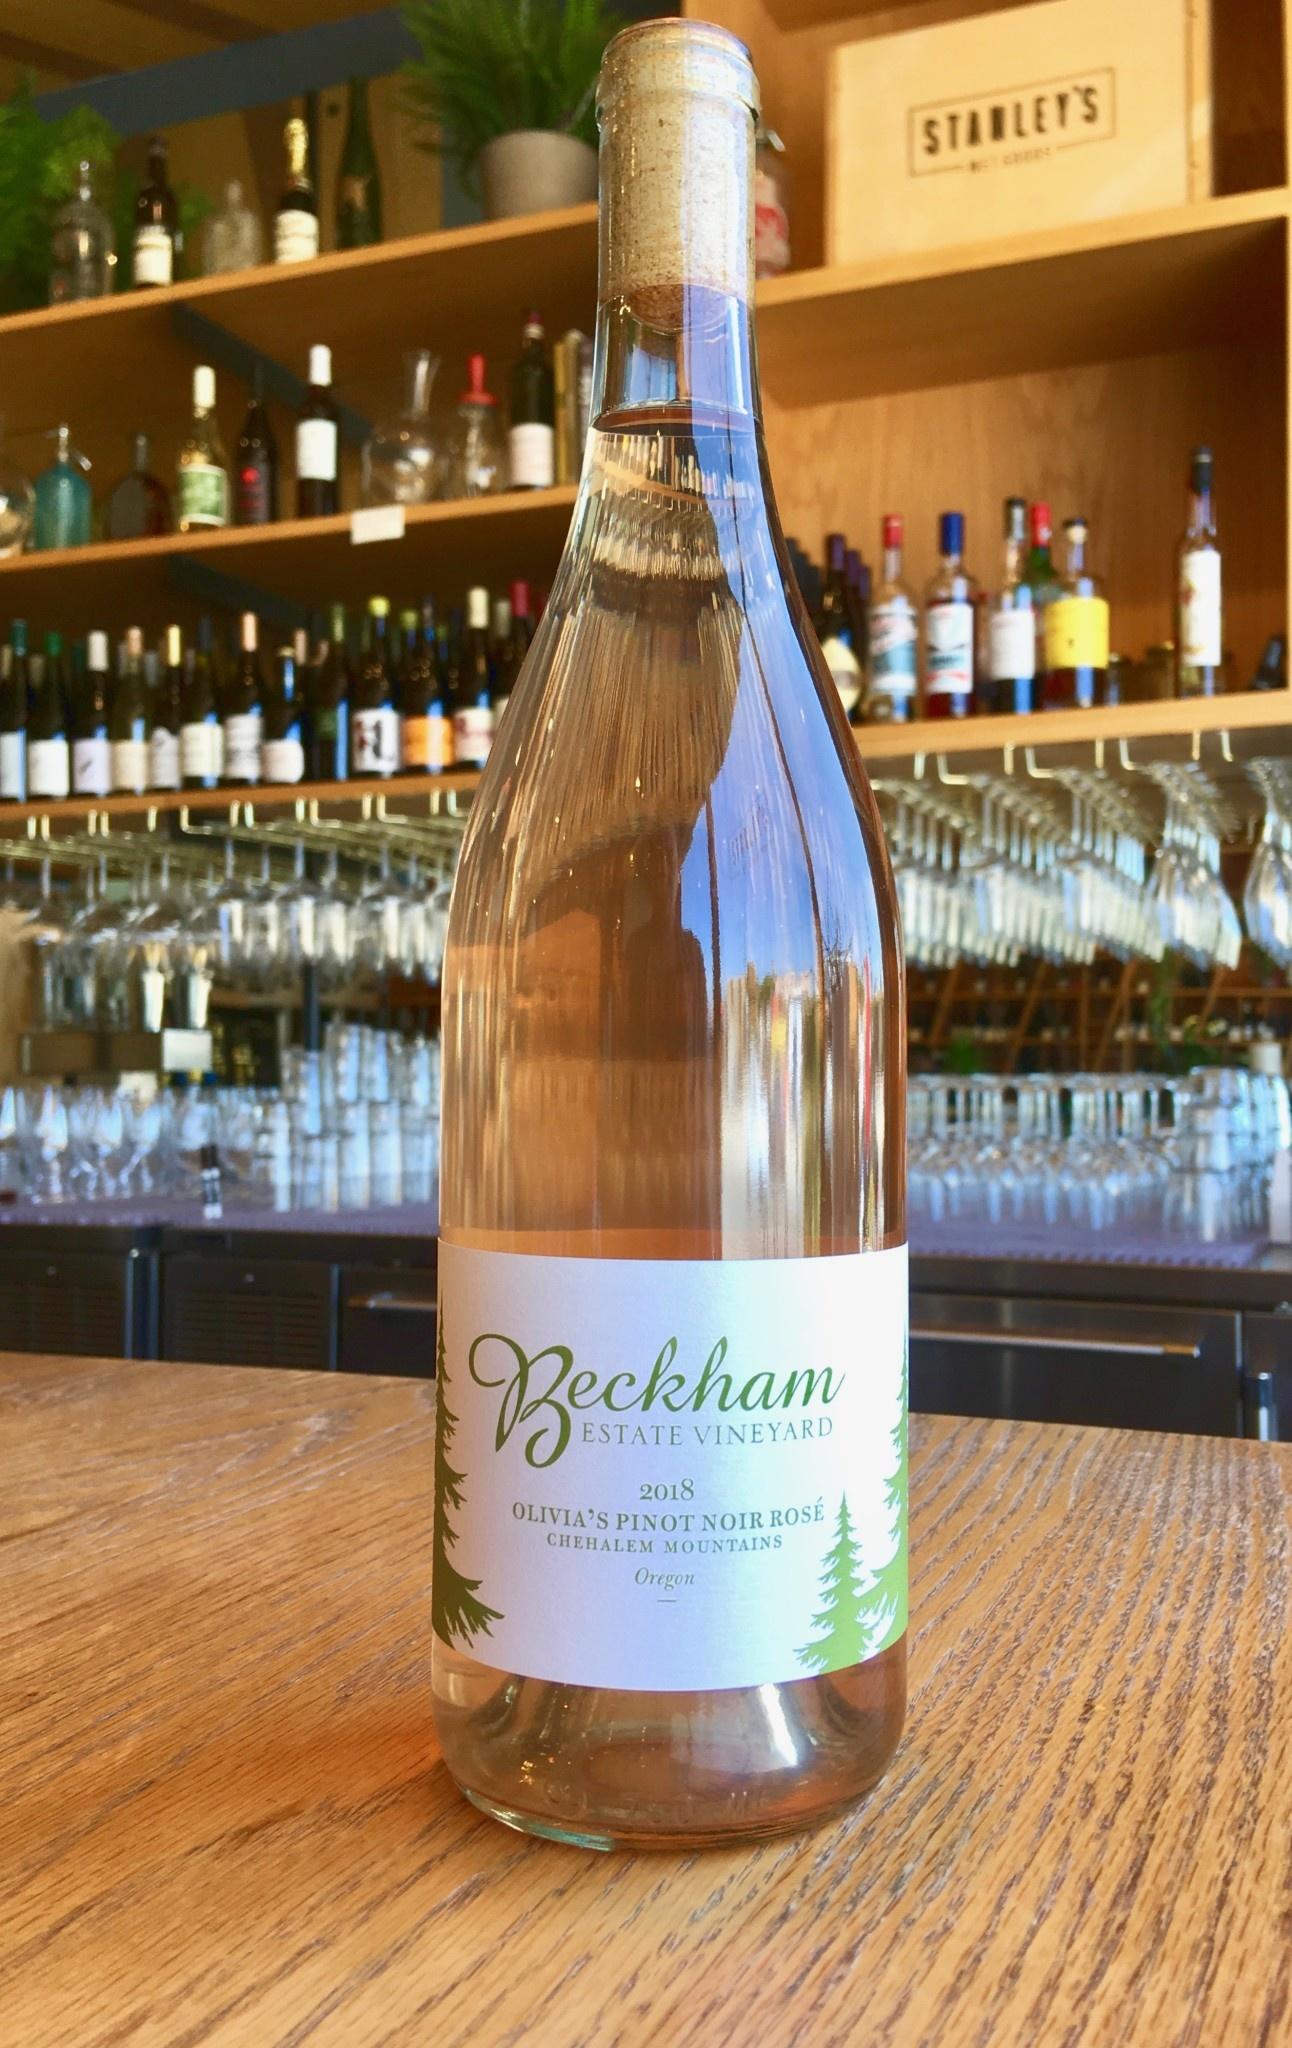 Beckham 2018 Beckham Olivia's Pinot Noir Rosé 750ml